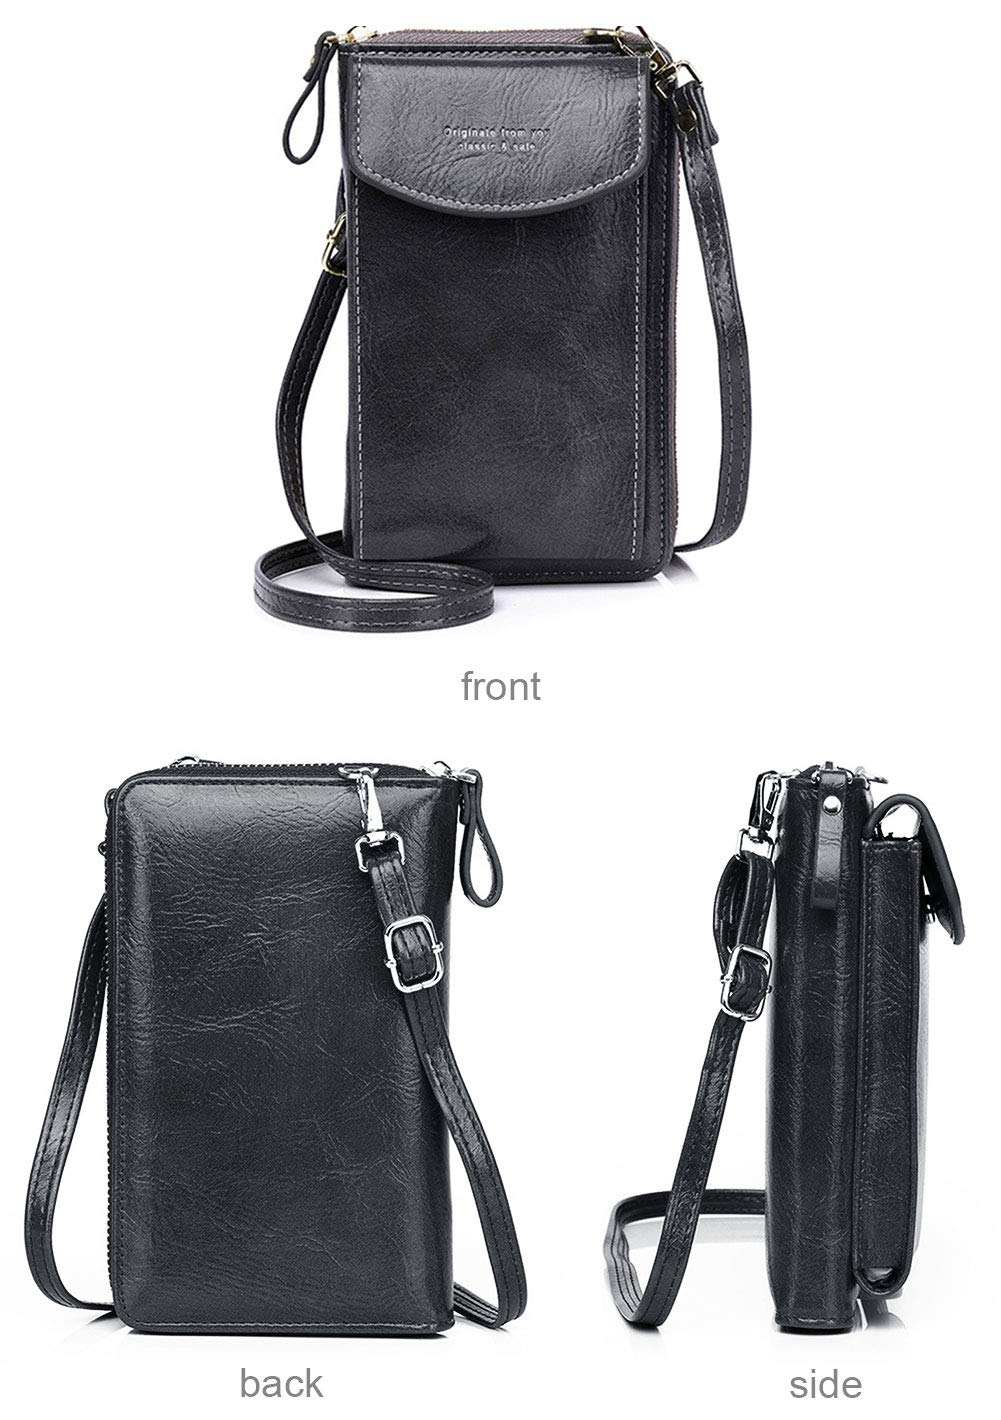 MAGIMODAC dam mobil axelväska liten mobilväska att hänga retro PU läder plånbok plånbok crossover med mobilfack kortfack dragkedja 1-grå